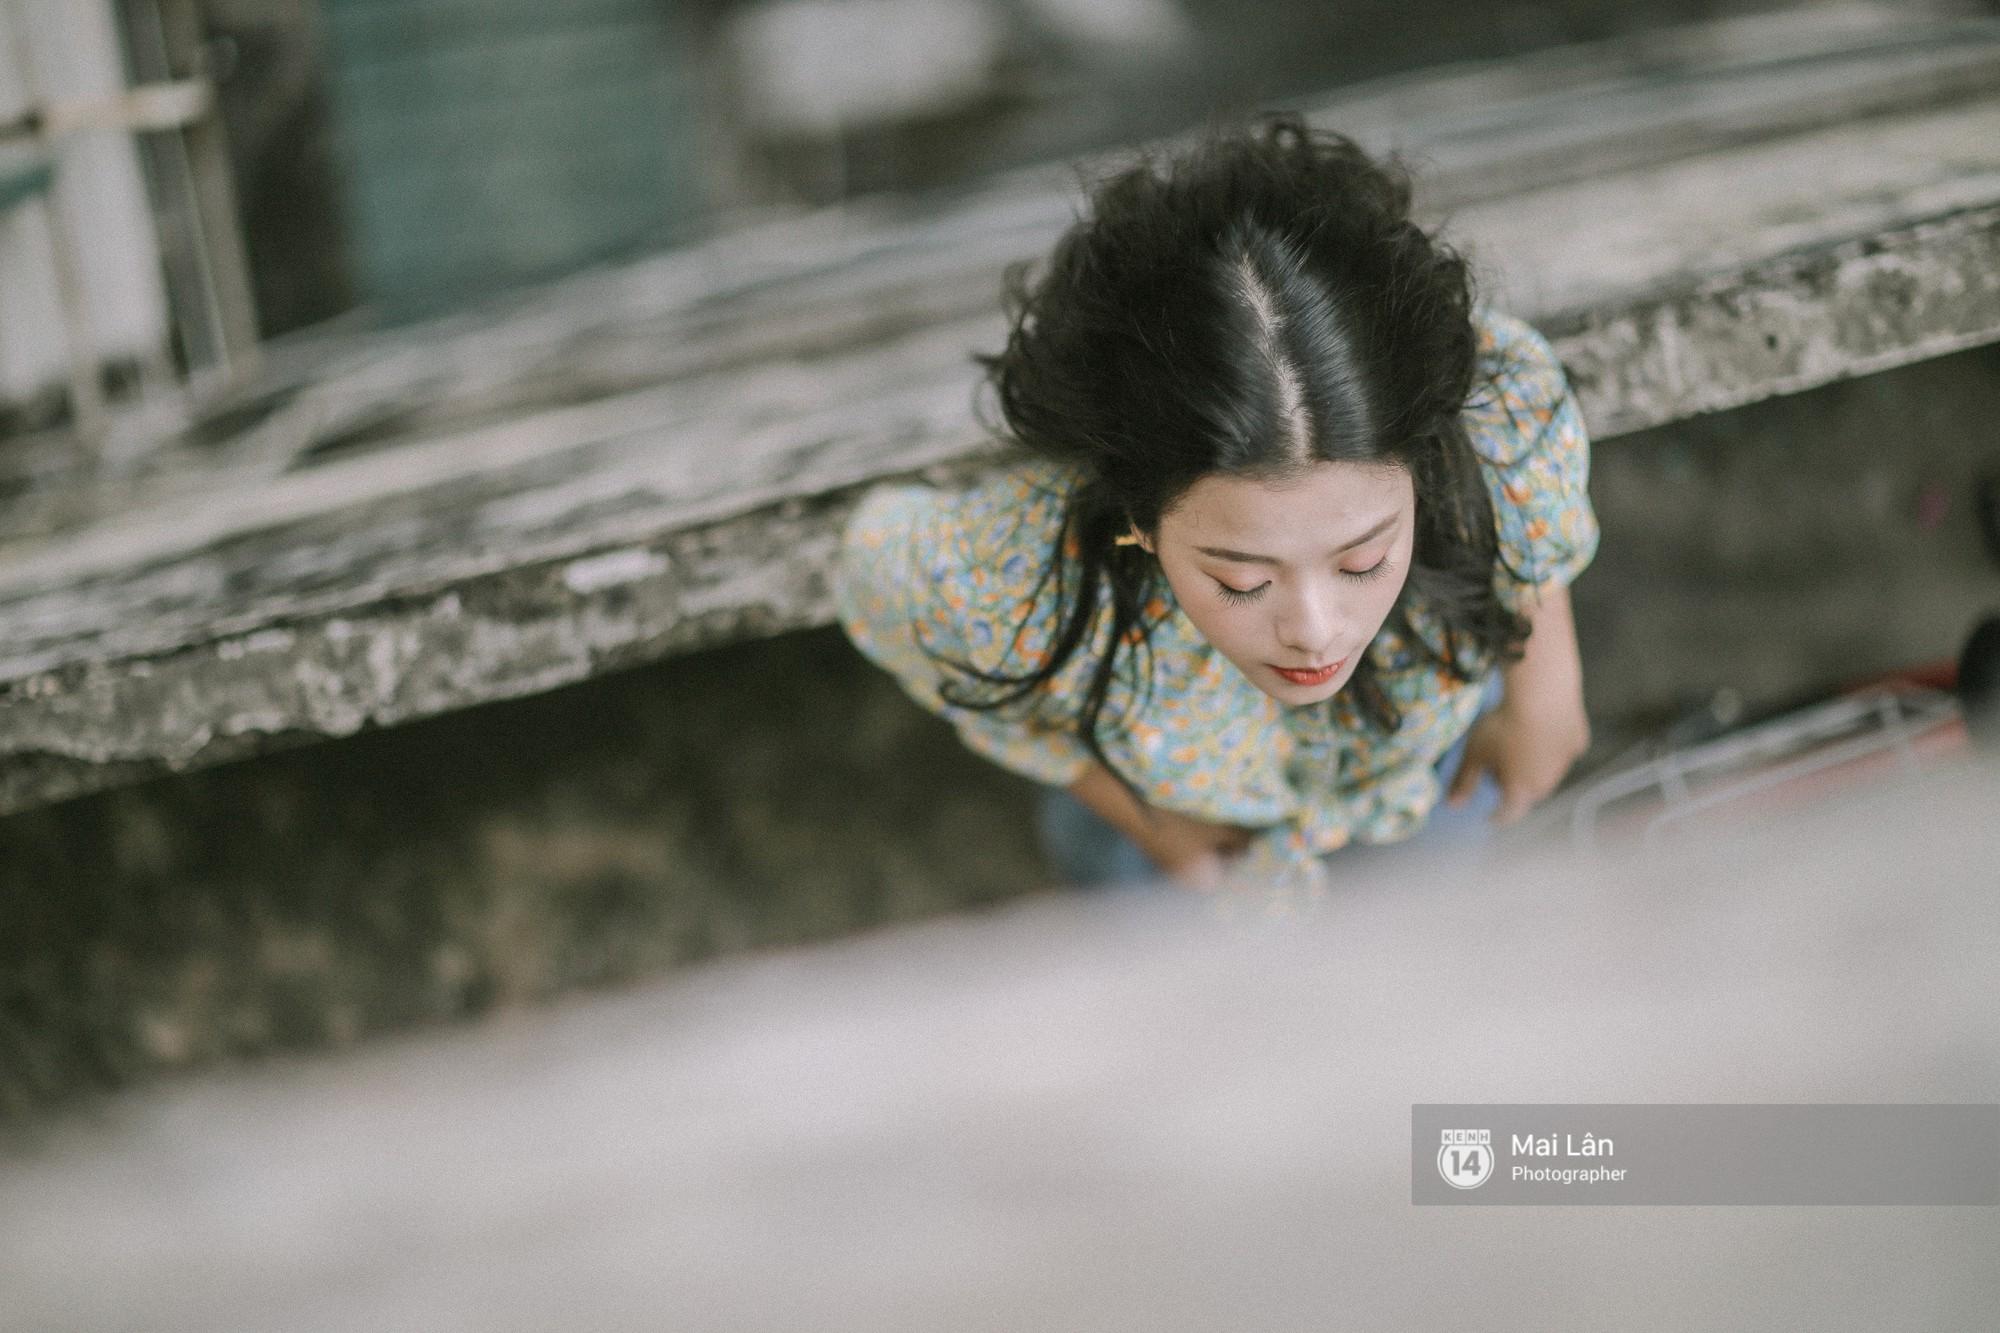 5 năm sau The Voice Kid, con gái NSƯT Chiều Xuân đã trở thành thiếu nữ 14 tuổi, xinh đẹp và tự tin lắm rồi! - Ảnh 16.